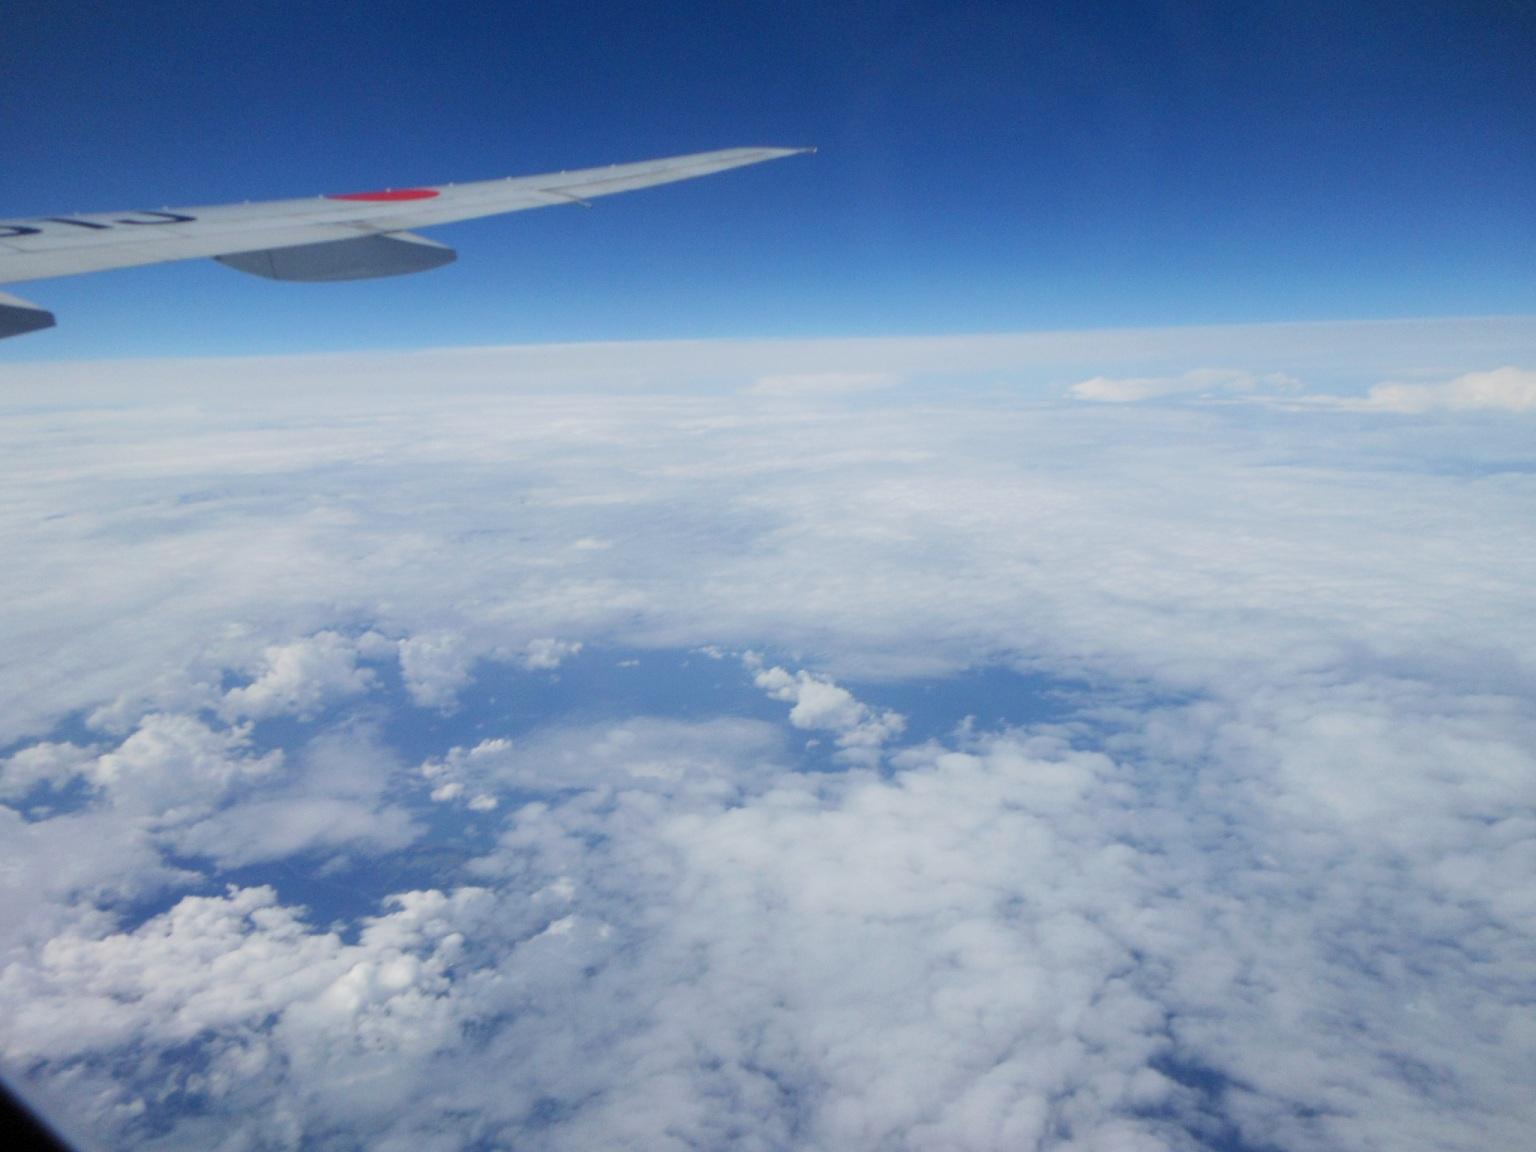 1823) ①「金沢3泊4日旅行 『飛行機からの眺め』」_f0126829_755977.jpg